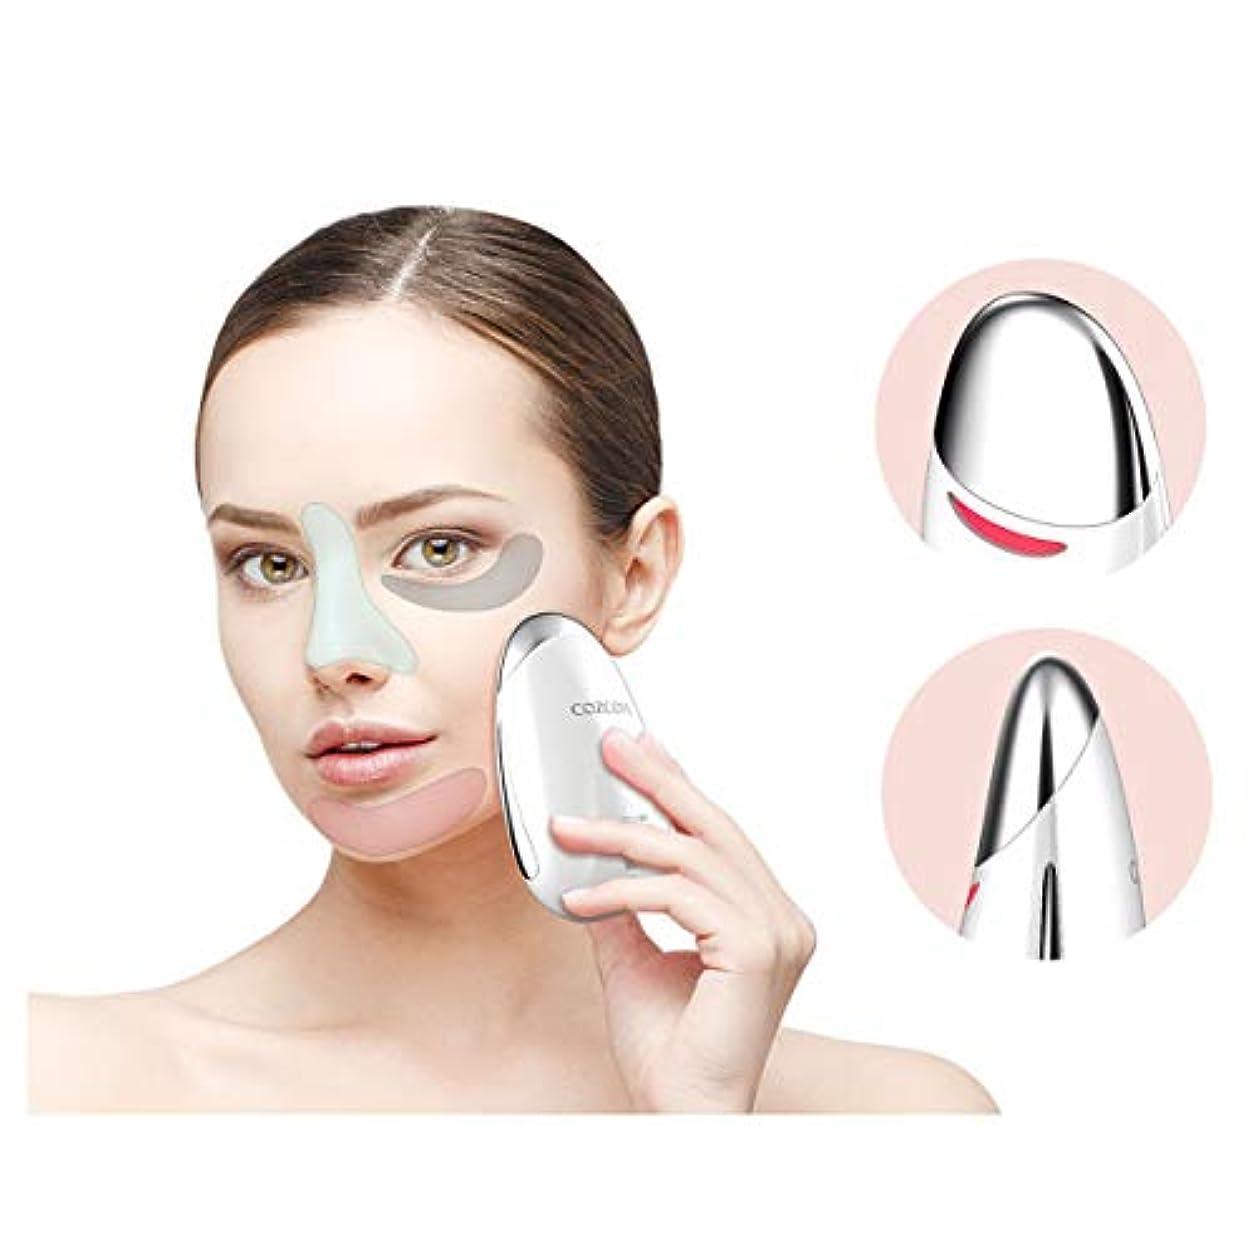 を必要としていますきつく同種のCozcore ECLORE ガルバニックサーマルフェイスマッサージャーマッサージ Galvanic Thermal Face Massager Massage